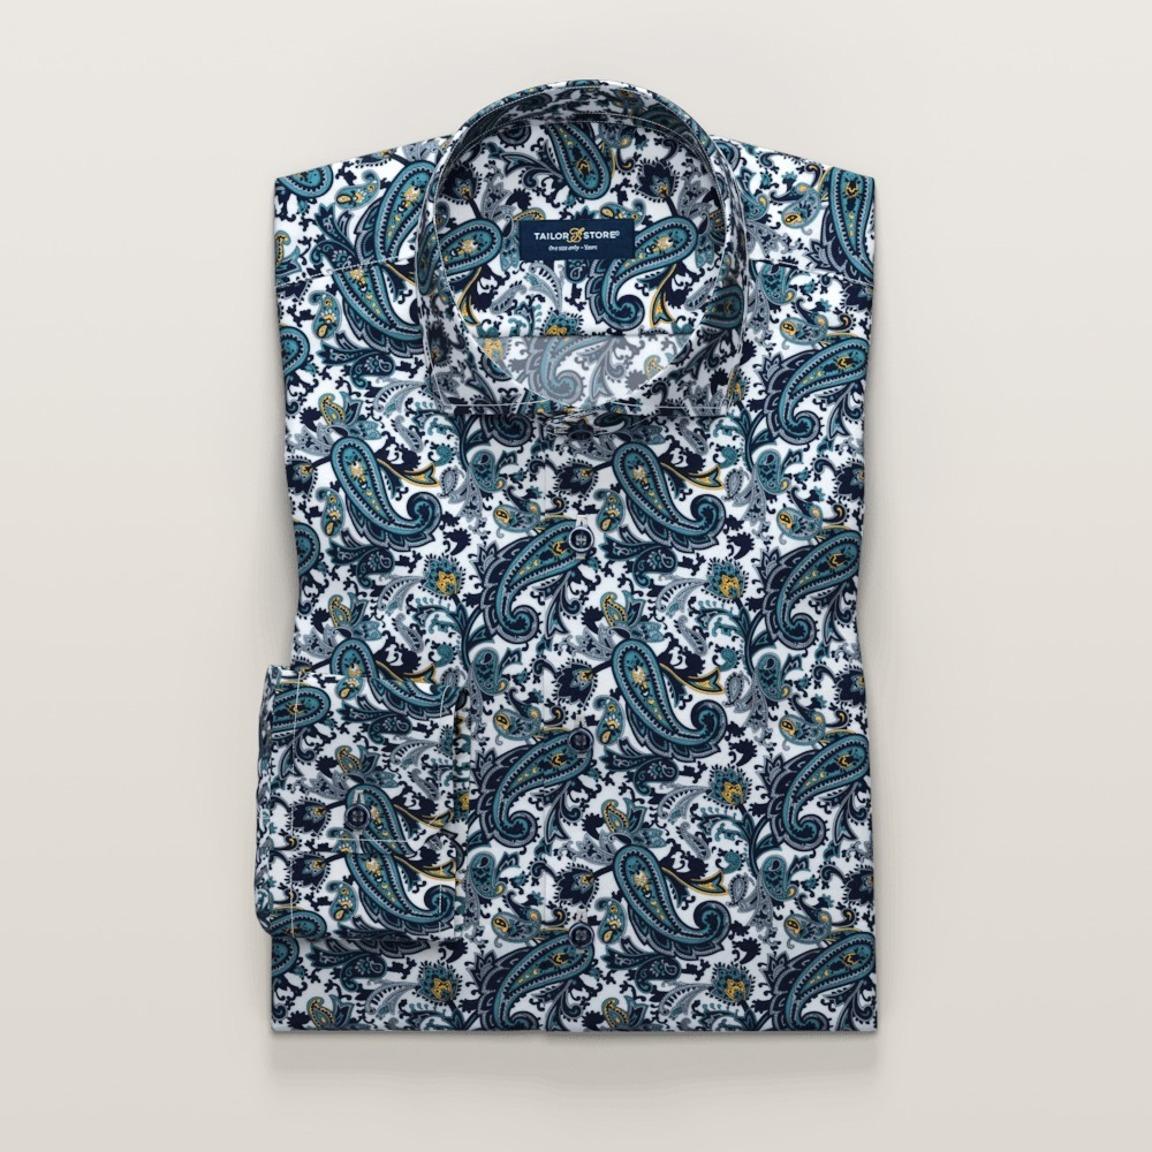 Dunkelblau bedrucktes Hemd